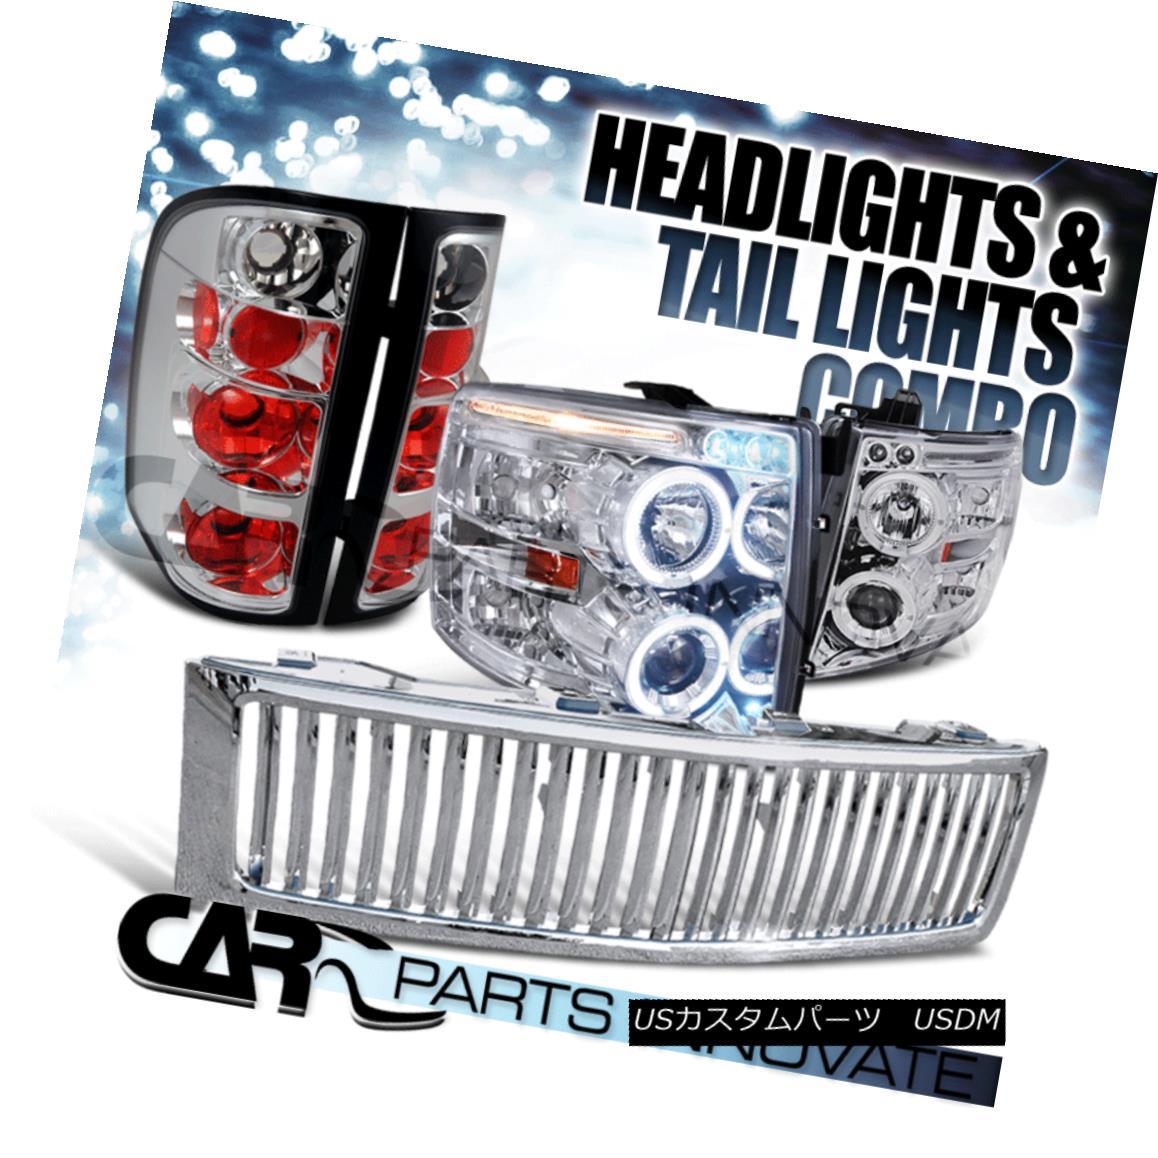 グリル Chrome 07-13 Silverado 1500 LED Halo Projector Headlights+Tail Light+Hood Grille Chrome 07-13 Silverado 1500 LEDハロープロジェクターヘッドライト+タイ lライト+フードグリル